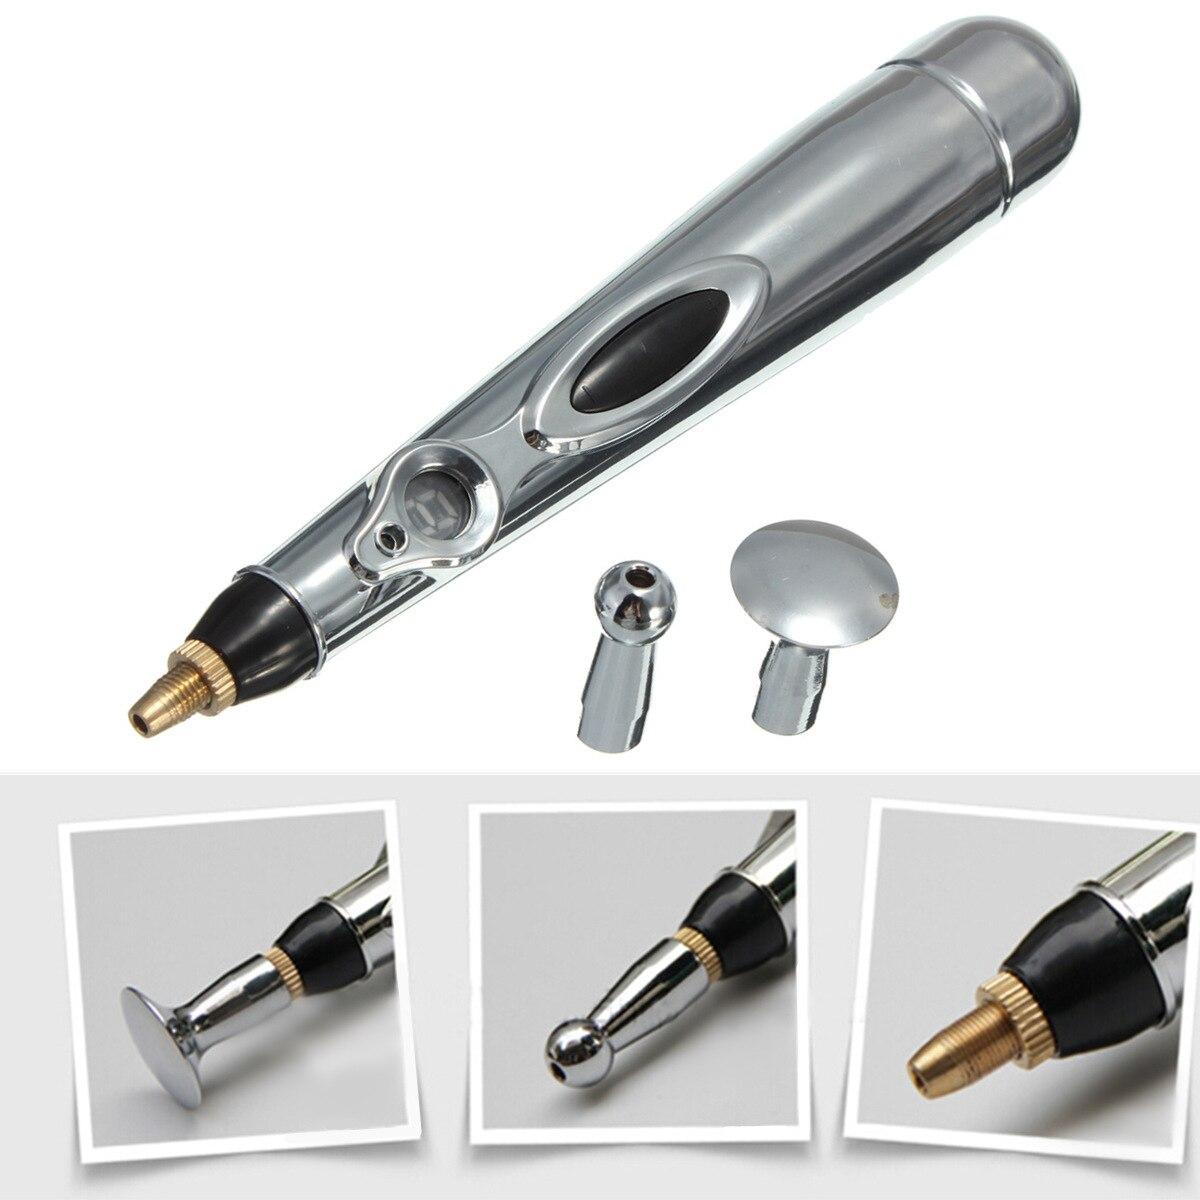 Elektrische Meridian Akupunktur Stift Mit Massageköpfe Akupunkturpunkt Einzelpulsenergie Schmerzlinderung Therapie Heilen Körper Massage Stift